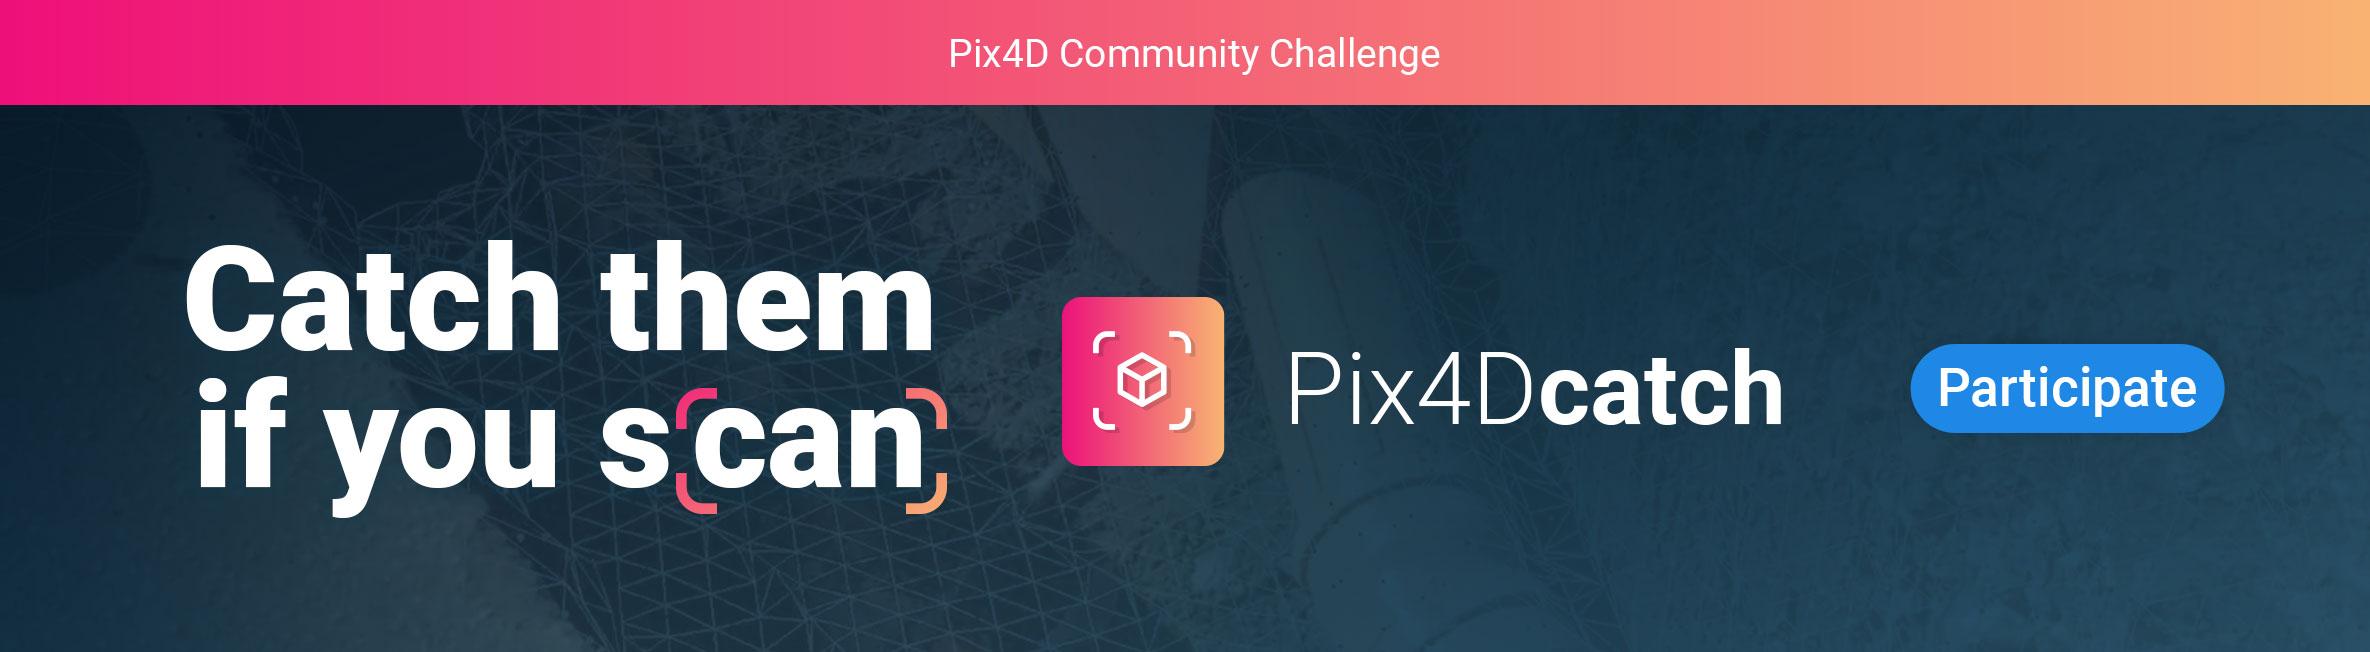 pix4dcatch community challenge